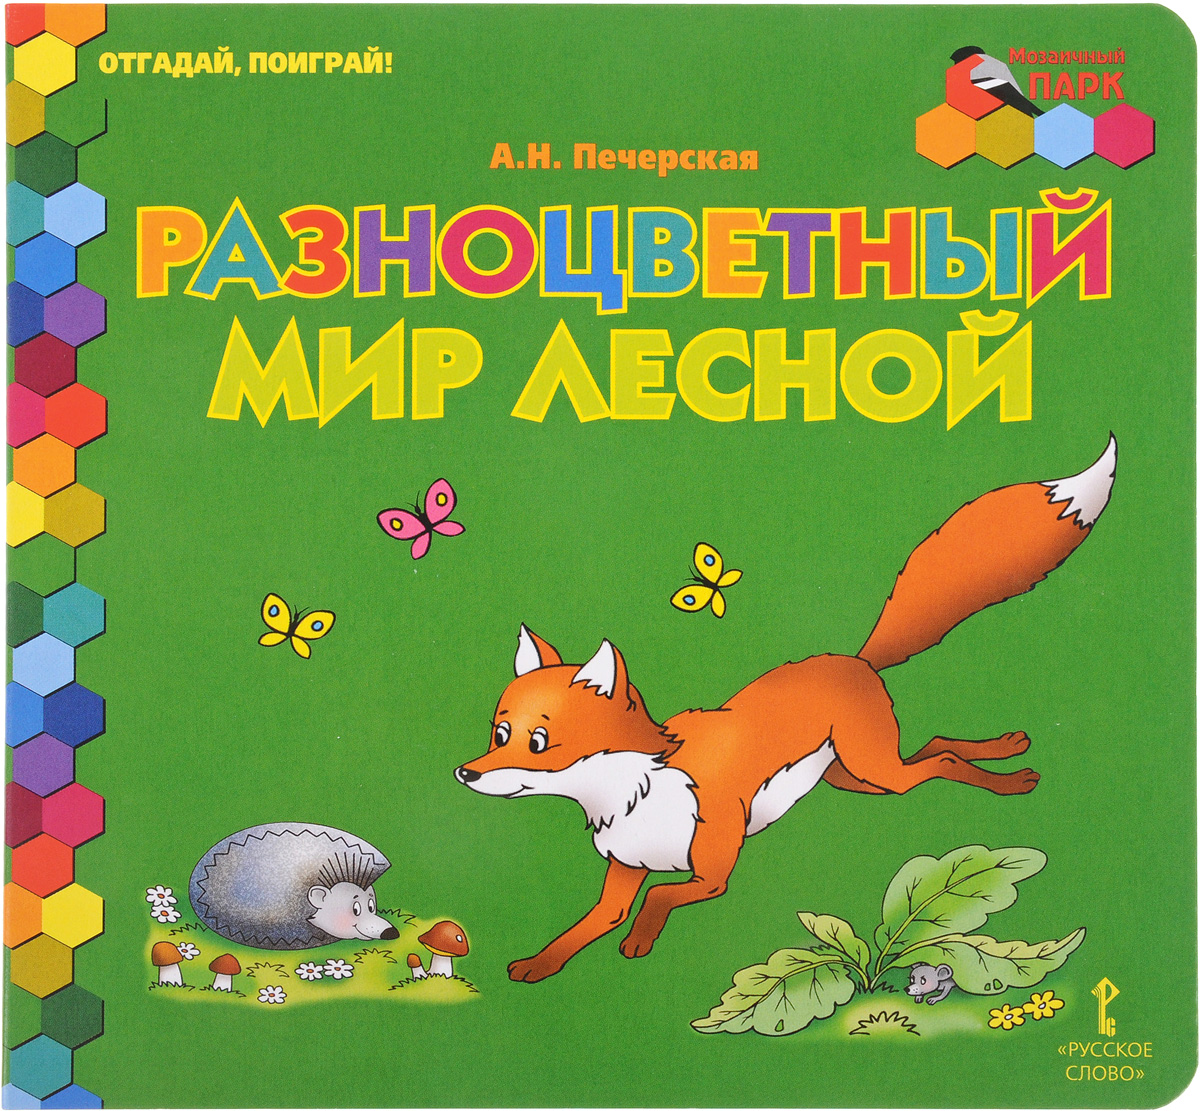 Отгадай, поиграй! Разноцветный мир лесной